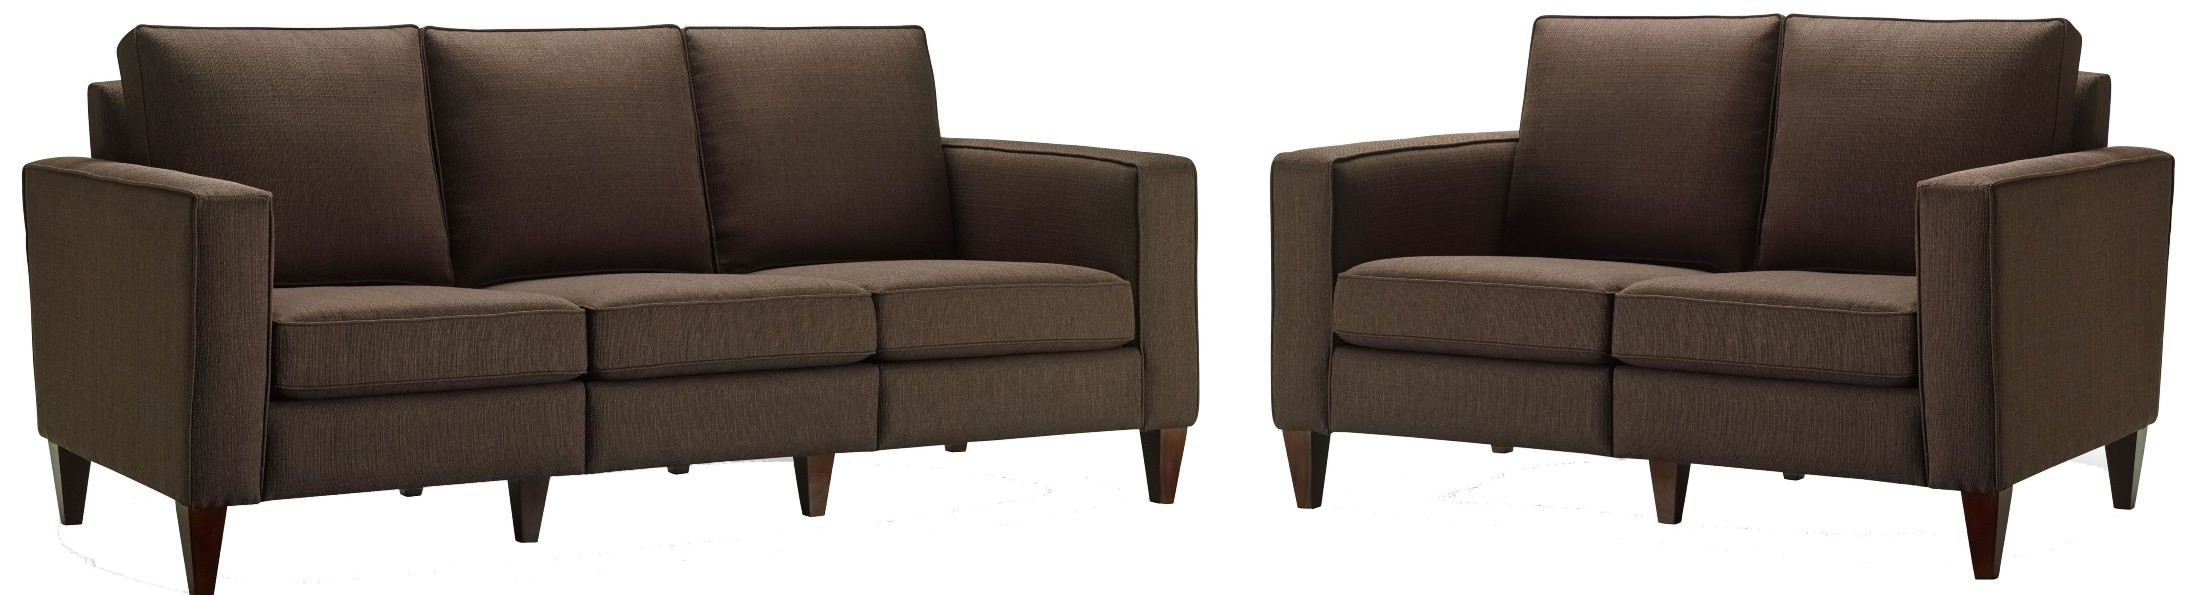 Parker Java Living Room Set HW1503 02 100CHOSO Hooker